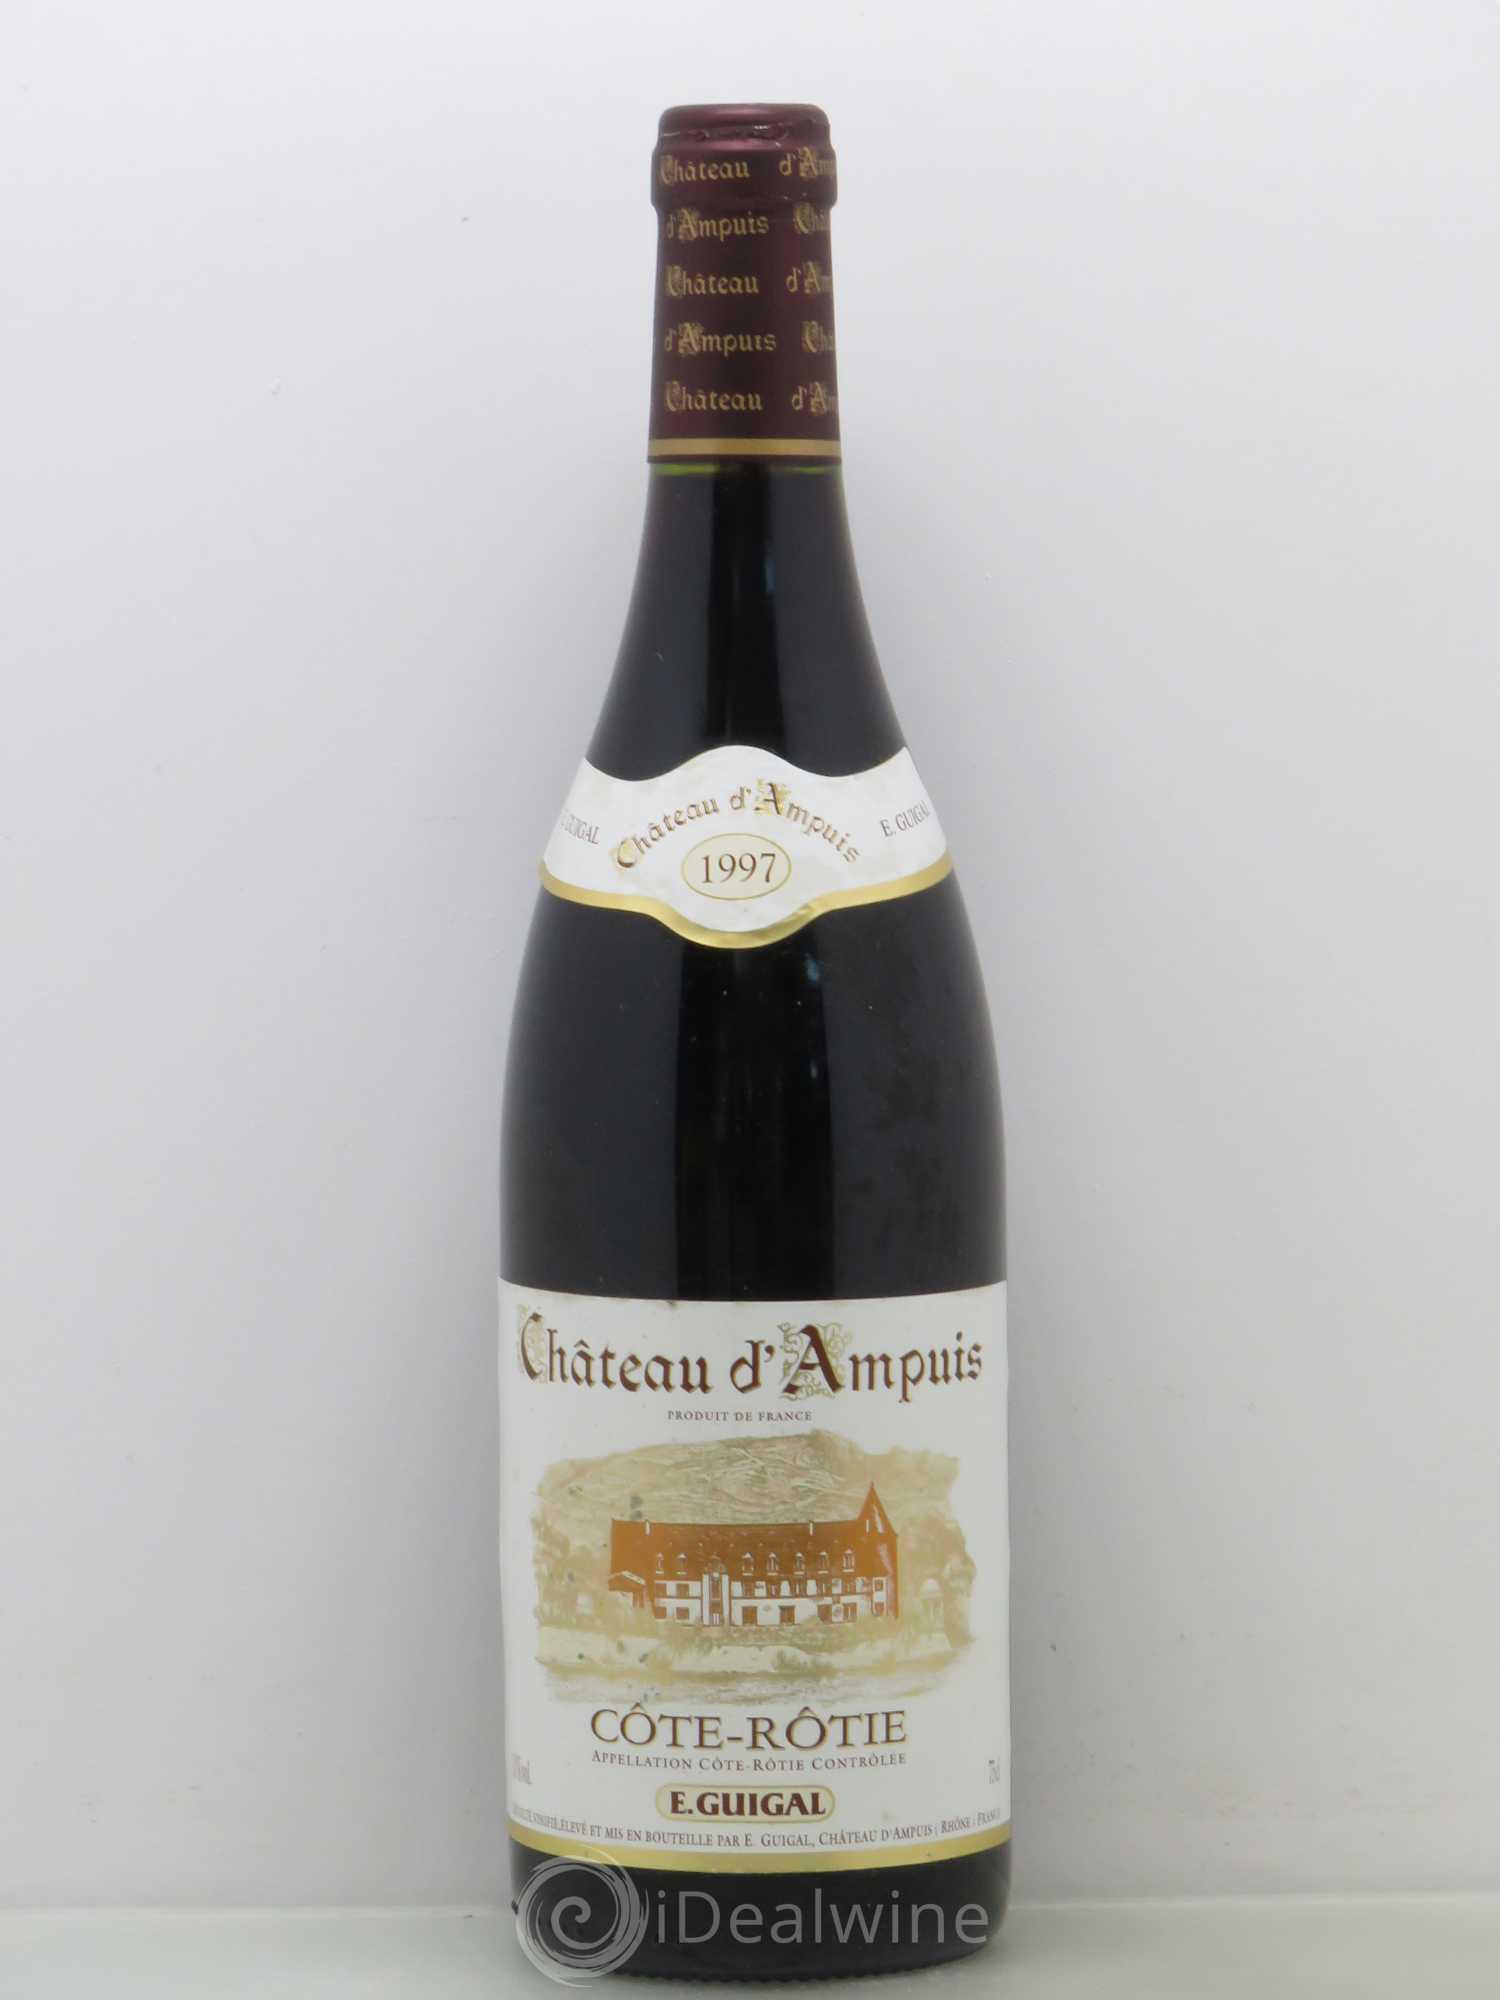 Acheter c te r tie ch teau d 39 ampuis guigal 1997 lot 8064 - Salon des vins ampuis ...